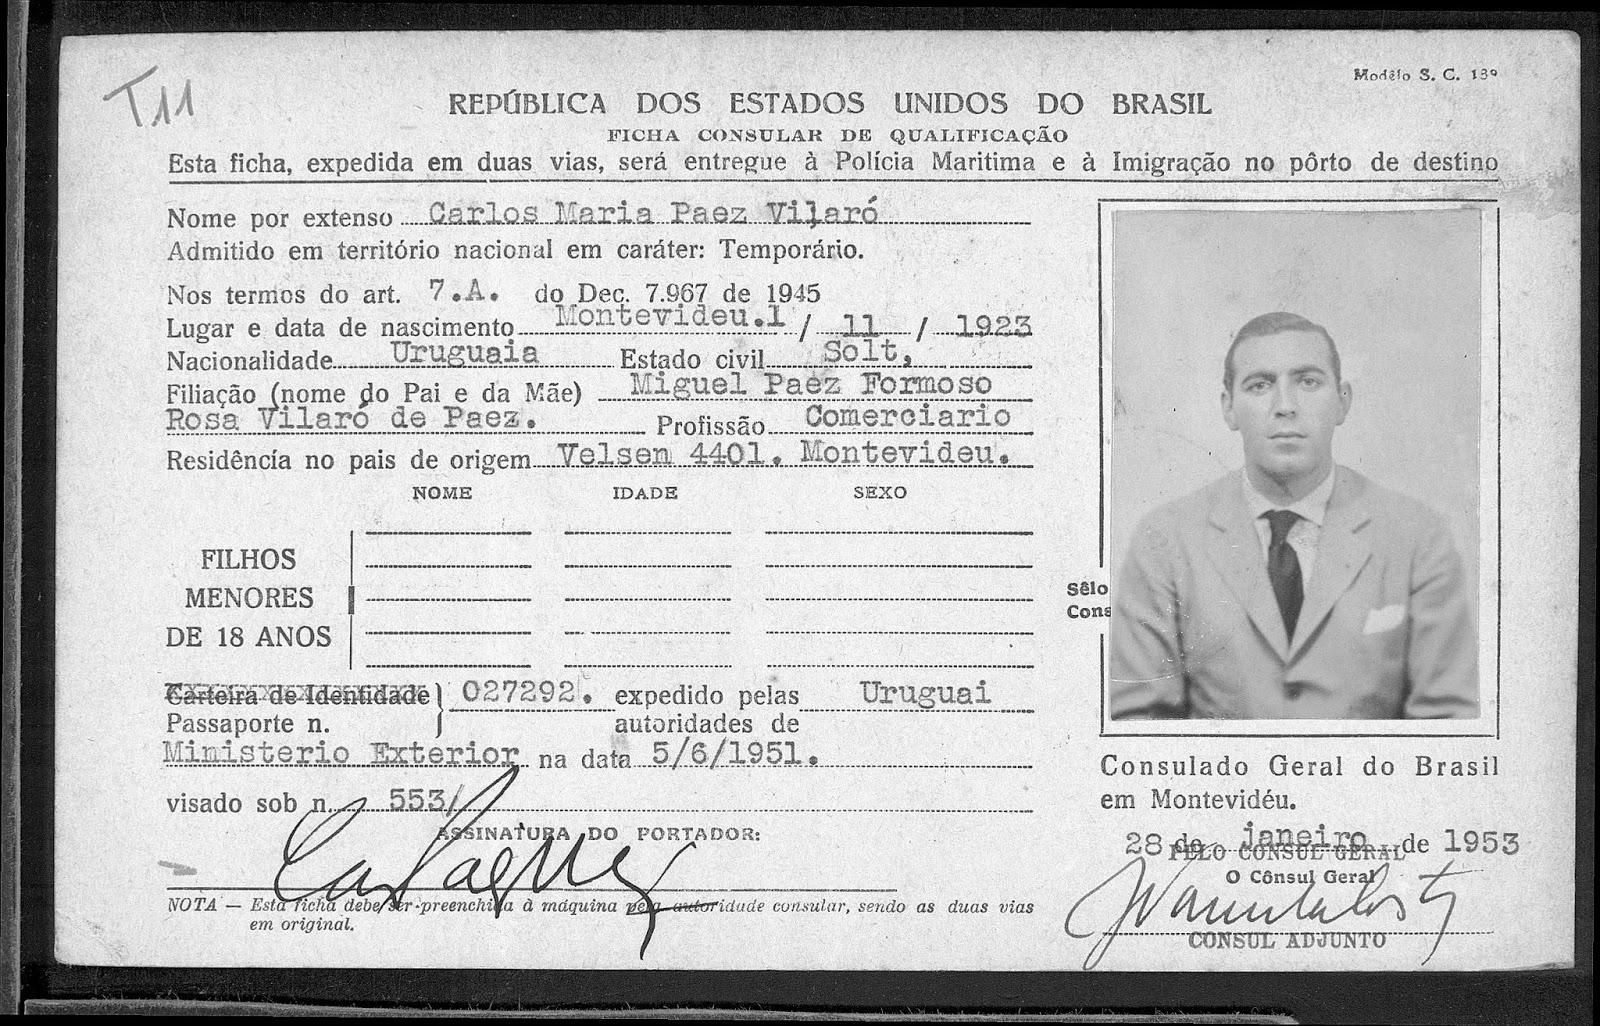 Carlos Páez Vilaró